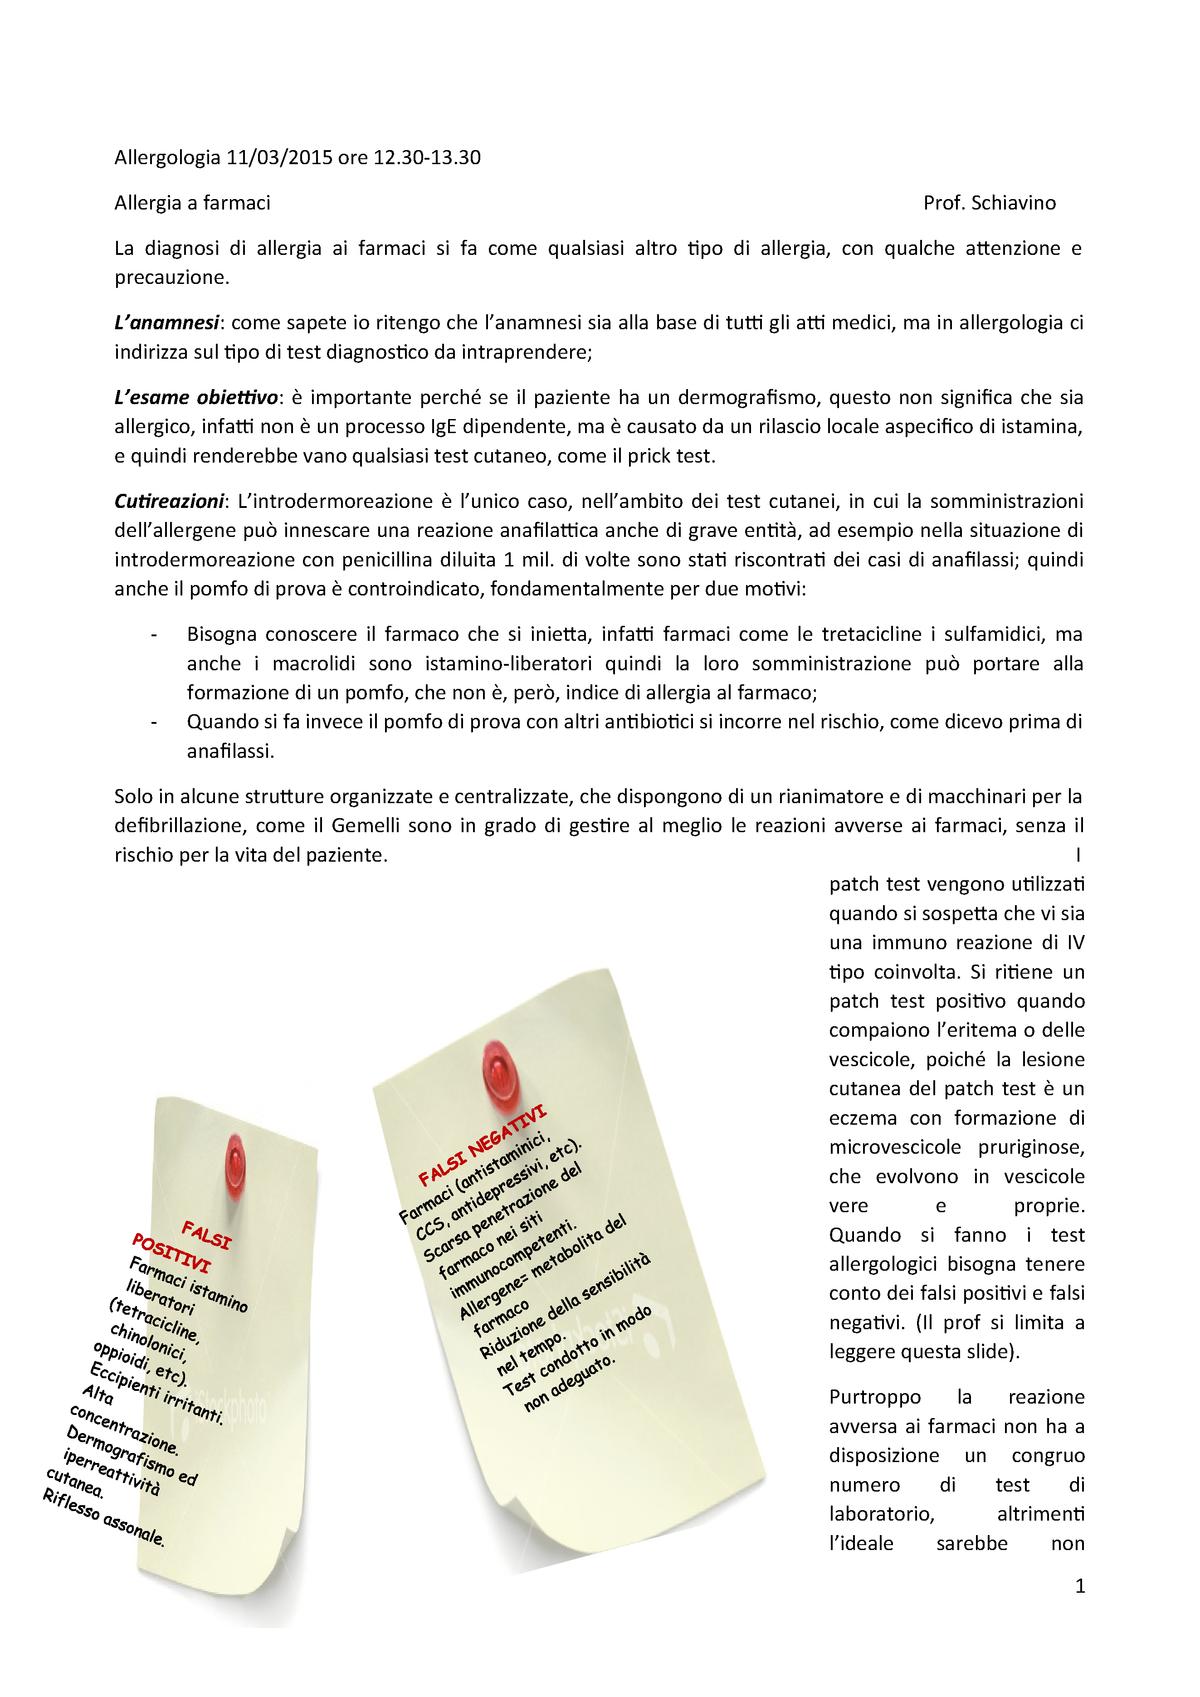 Rischio Clinico Somministrazione Farmaci.Appunti Allergia A Farmaci Medicina Interna A A 2014